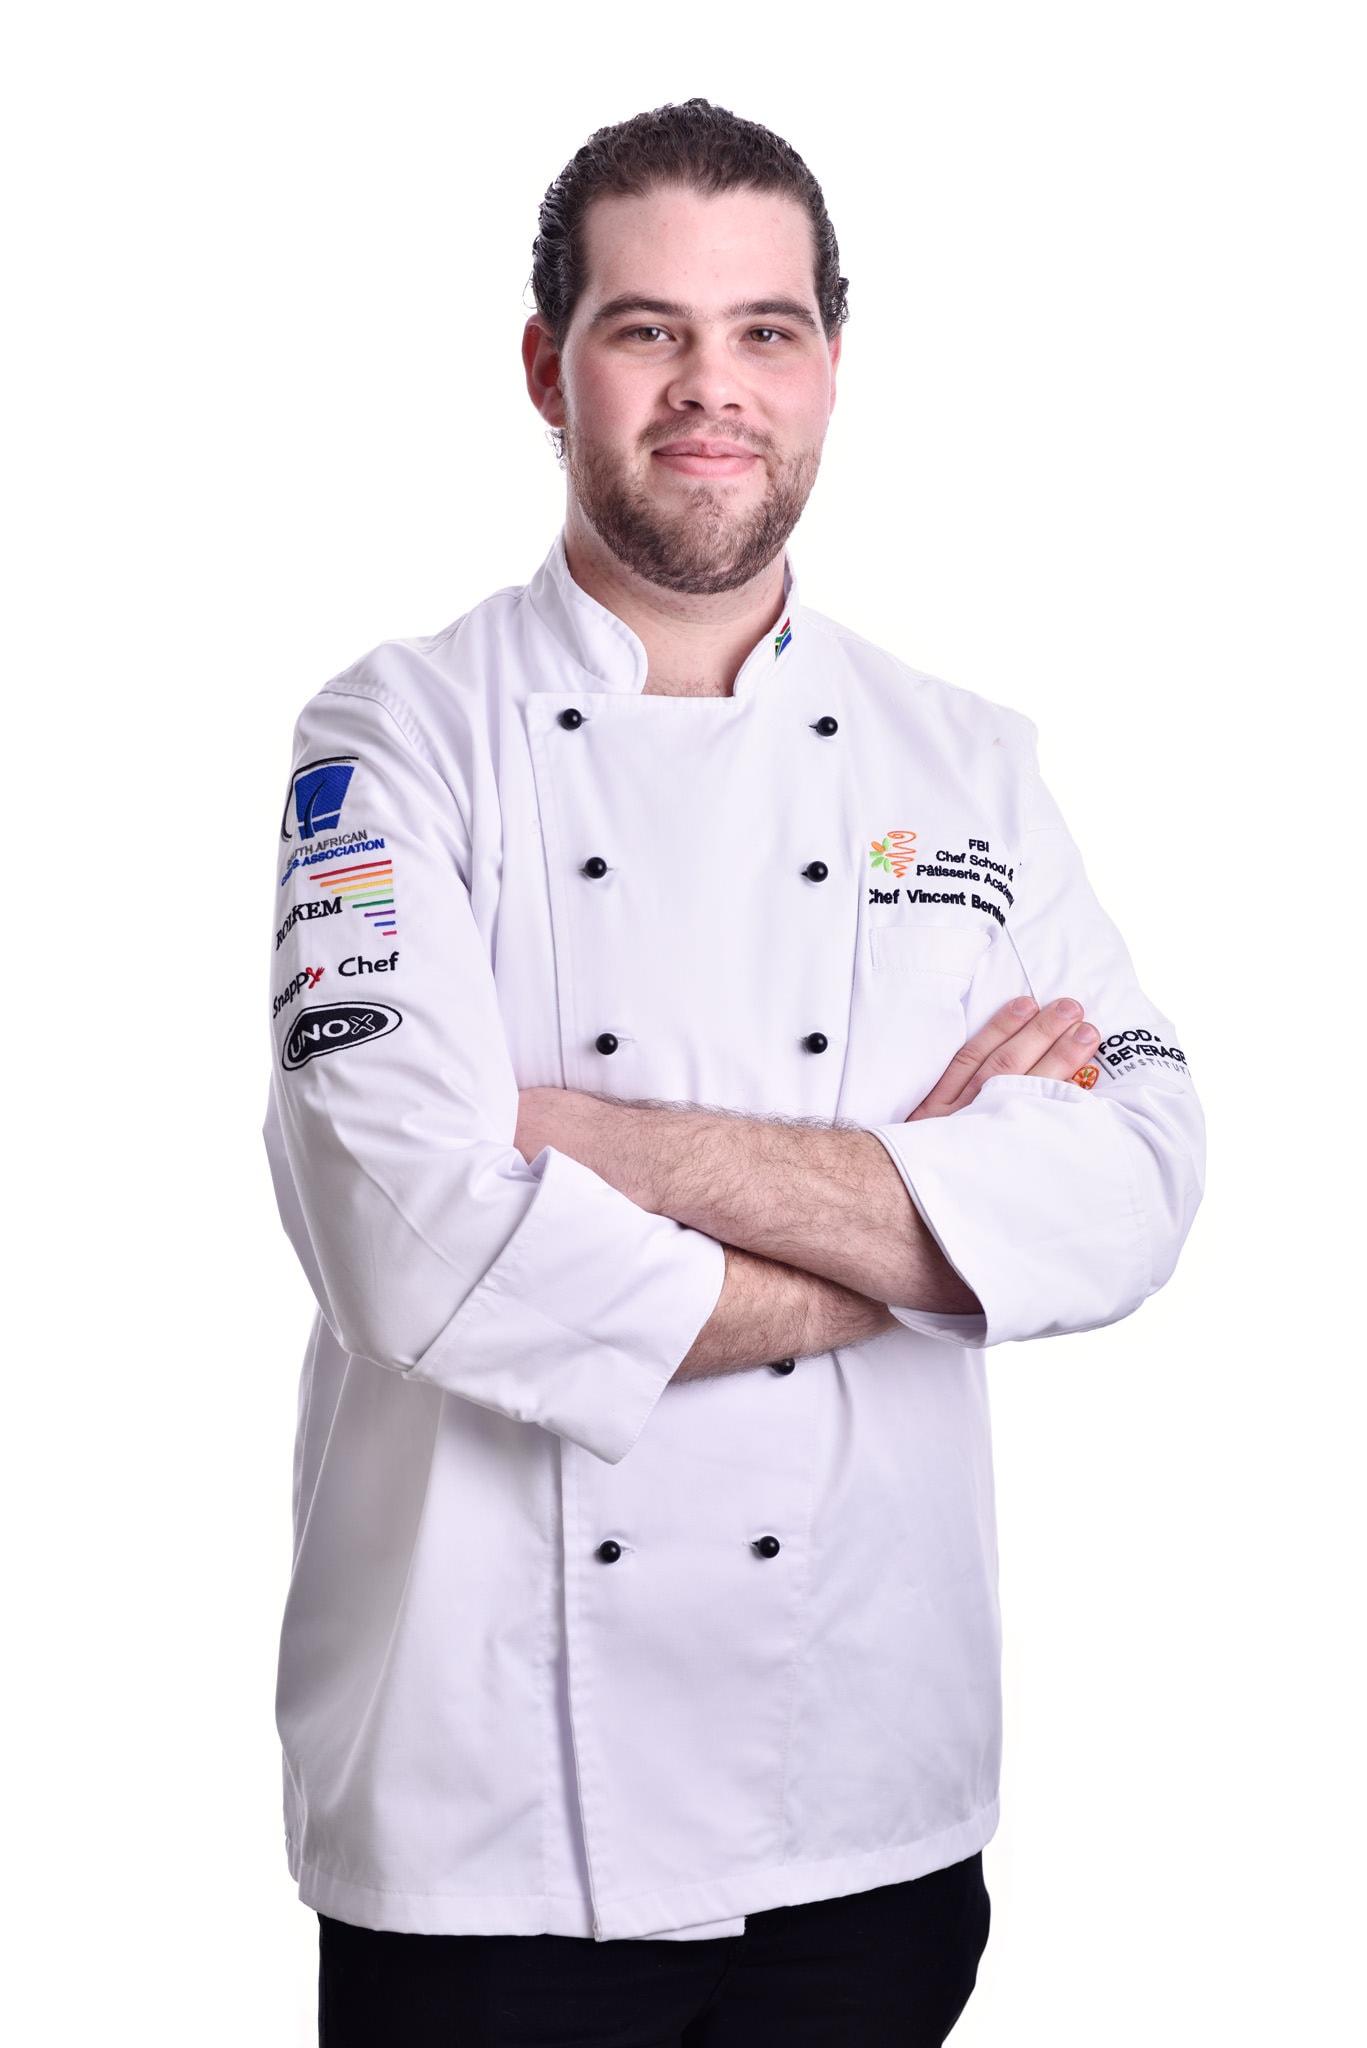 Headshot - Olivedale, Johannesburg - Chef Vincent